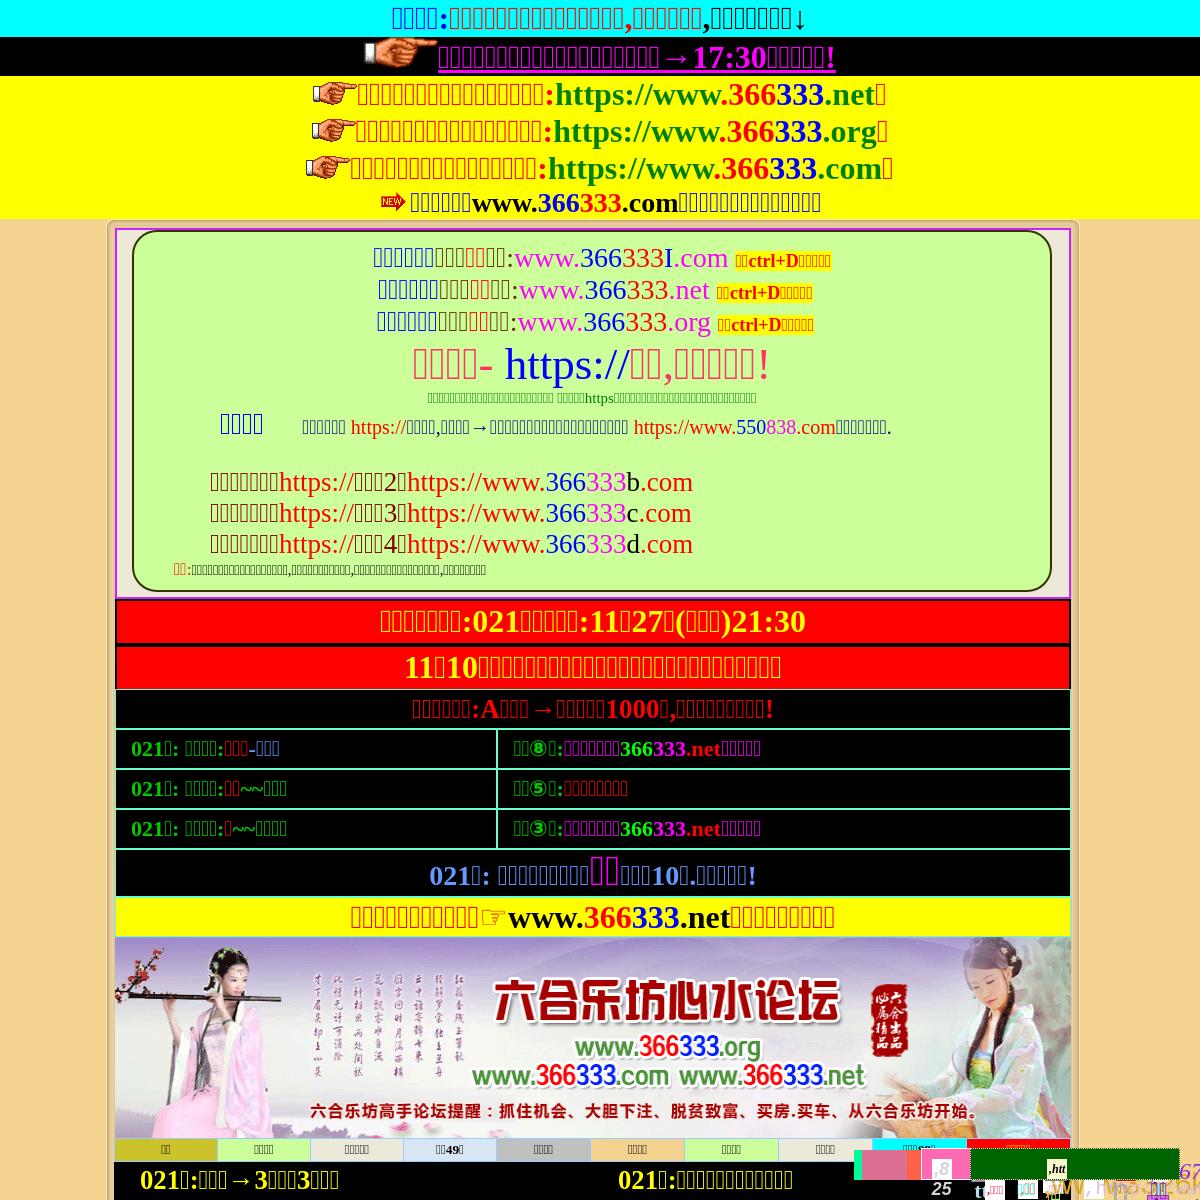 跑狗网,www.912349.com,香港最快开奖现场直播,彩民心水论坛网55887,创富图库889999,h539.com,www.820111.com